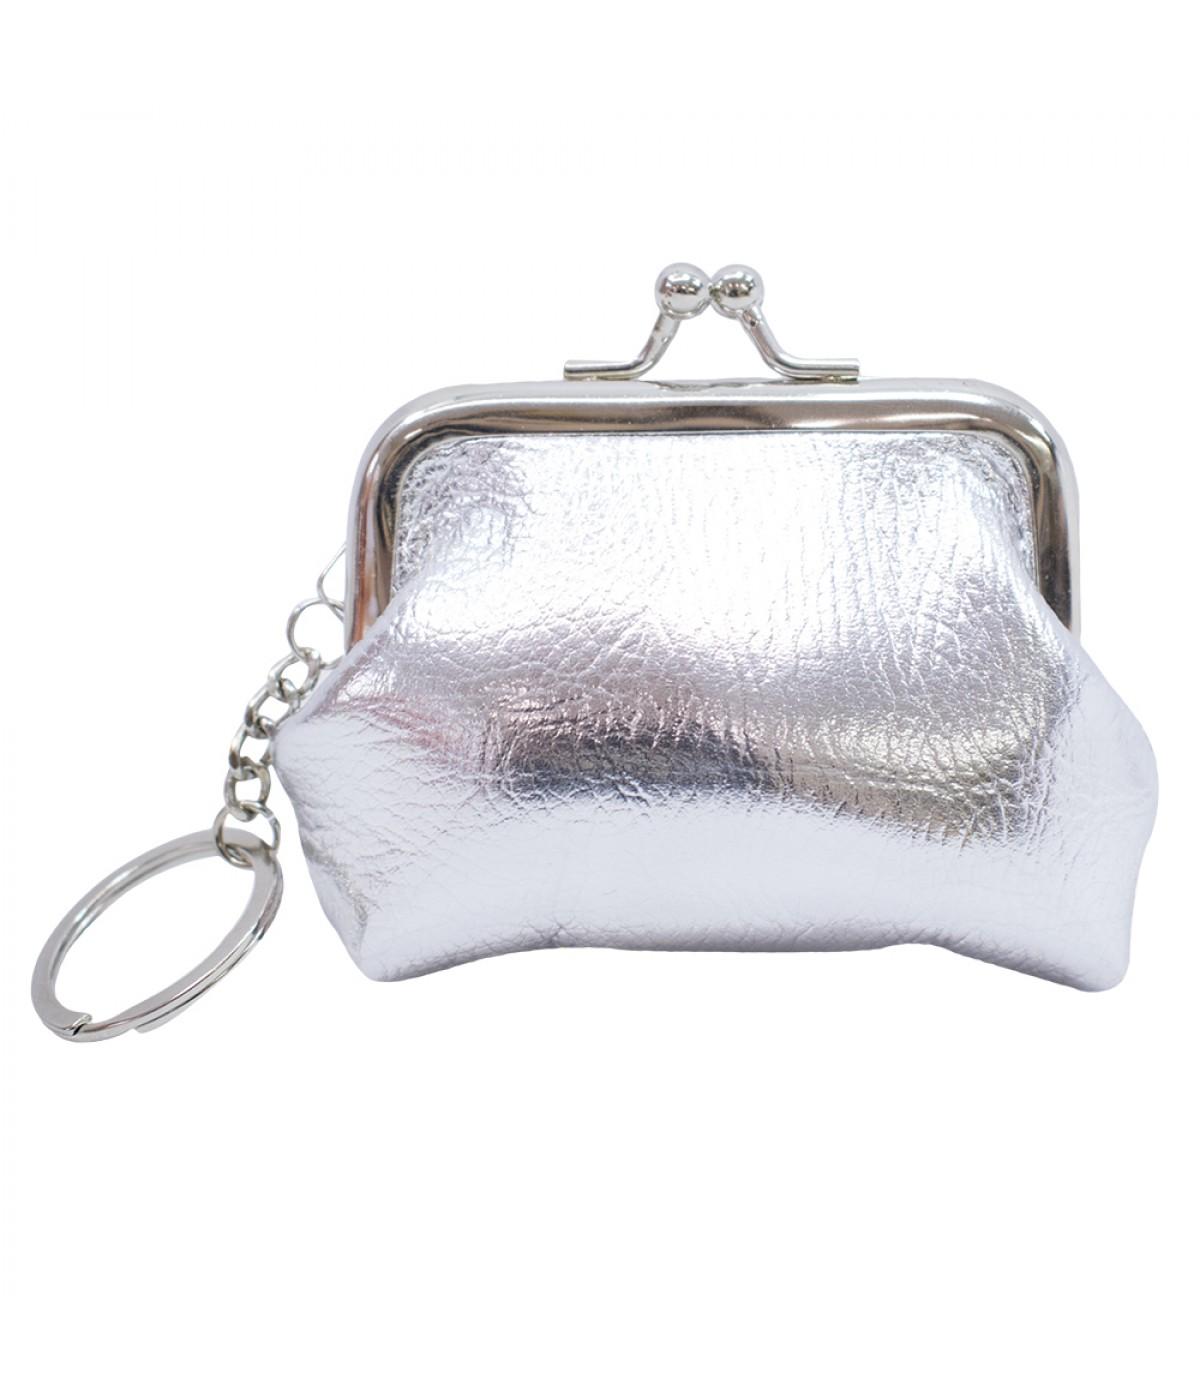 Porta moeda prata com chaveiro 9x8.5cm